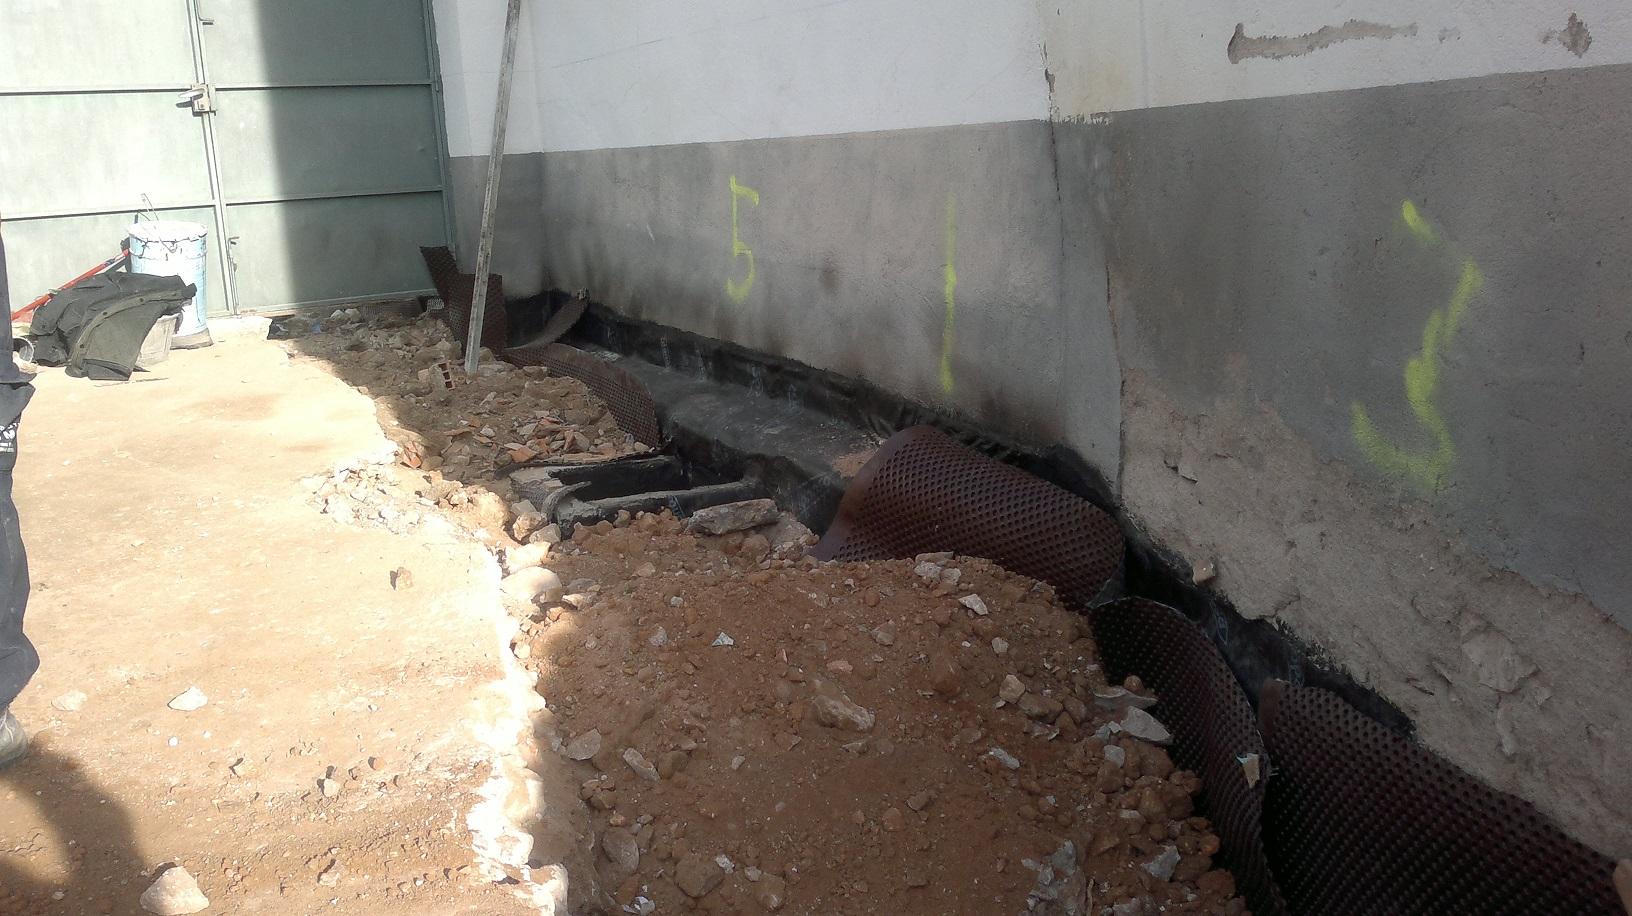 Canal de impermeabilización muro.jpg